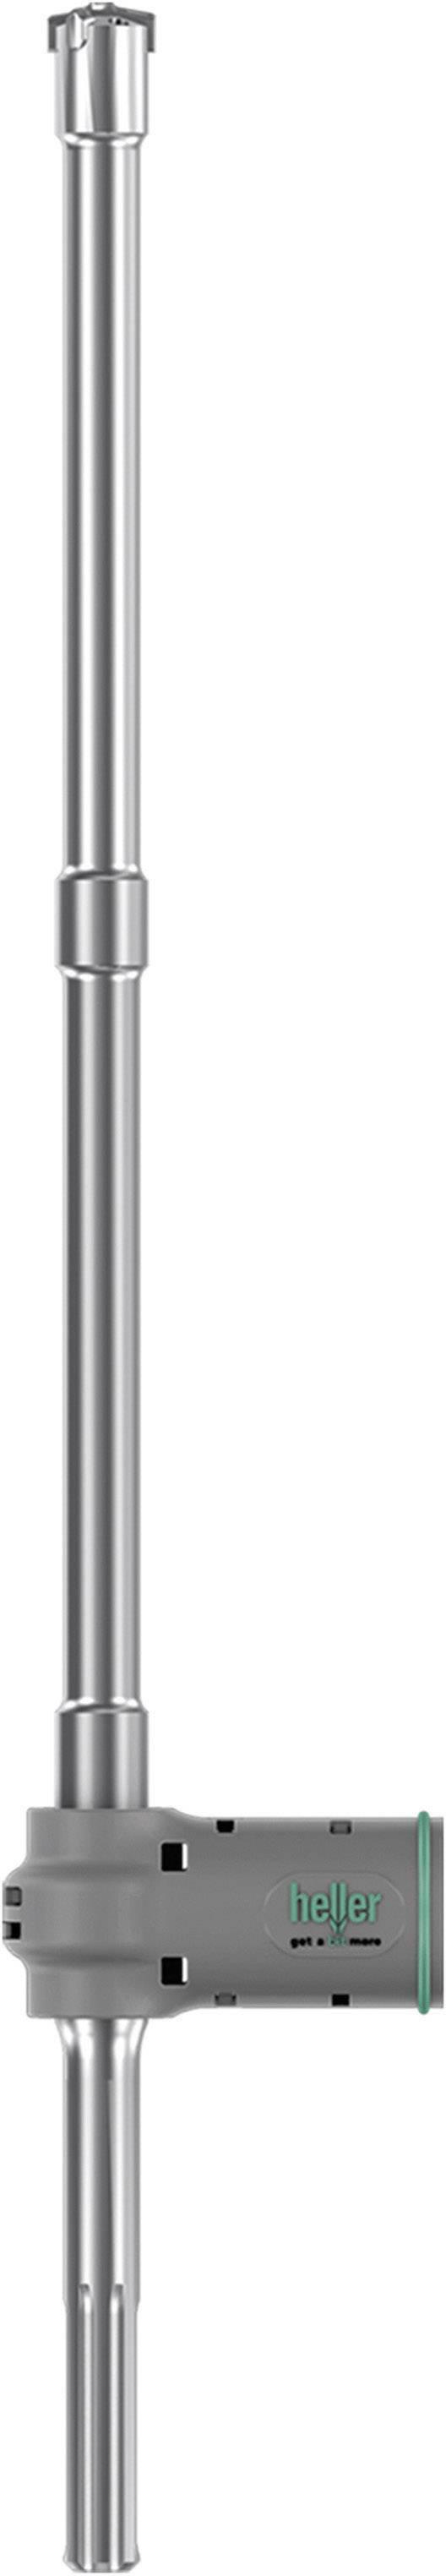 Heller Duster Expert Saugbohrer 35 mm Heller 28629 9